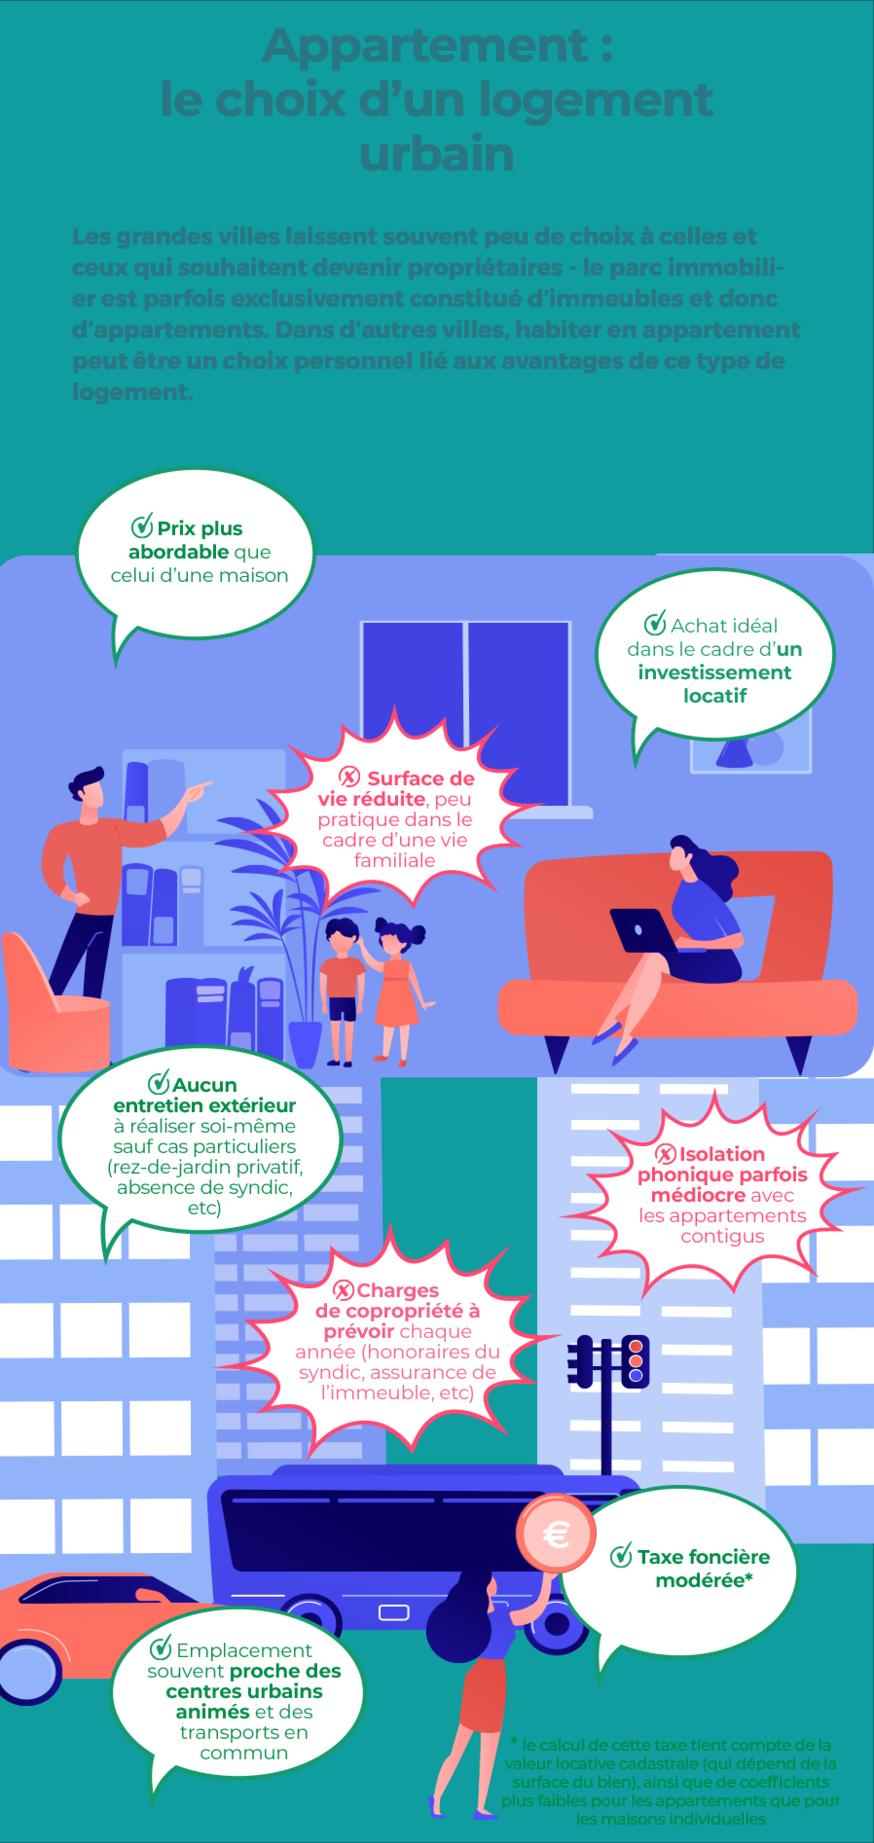 Appartement - le choix d'un logement urbain